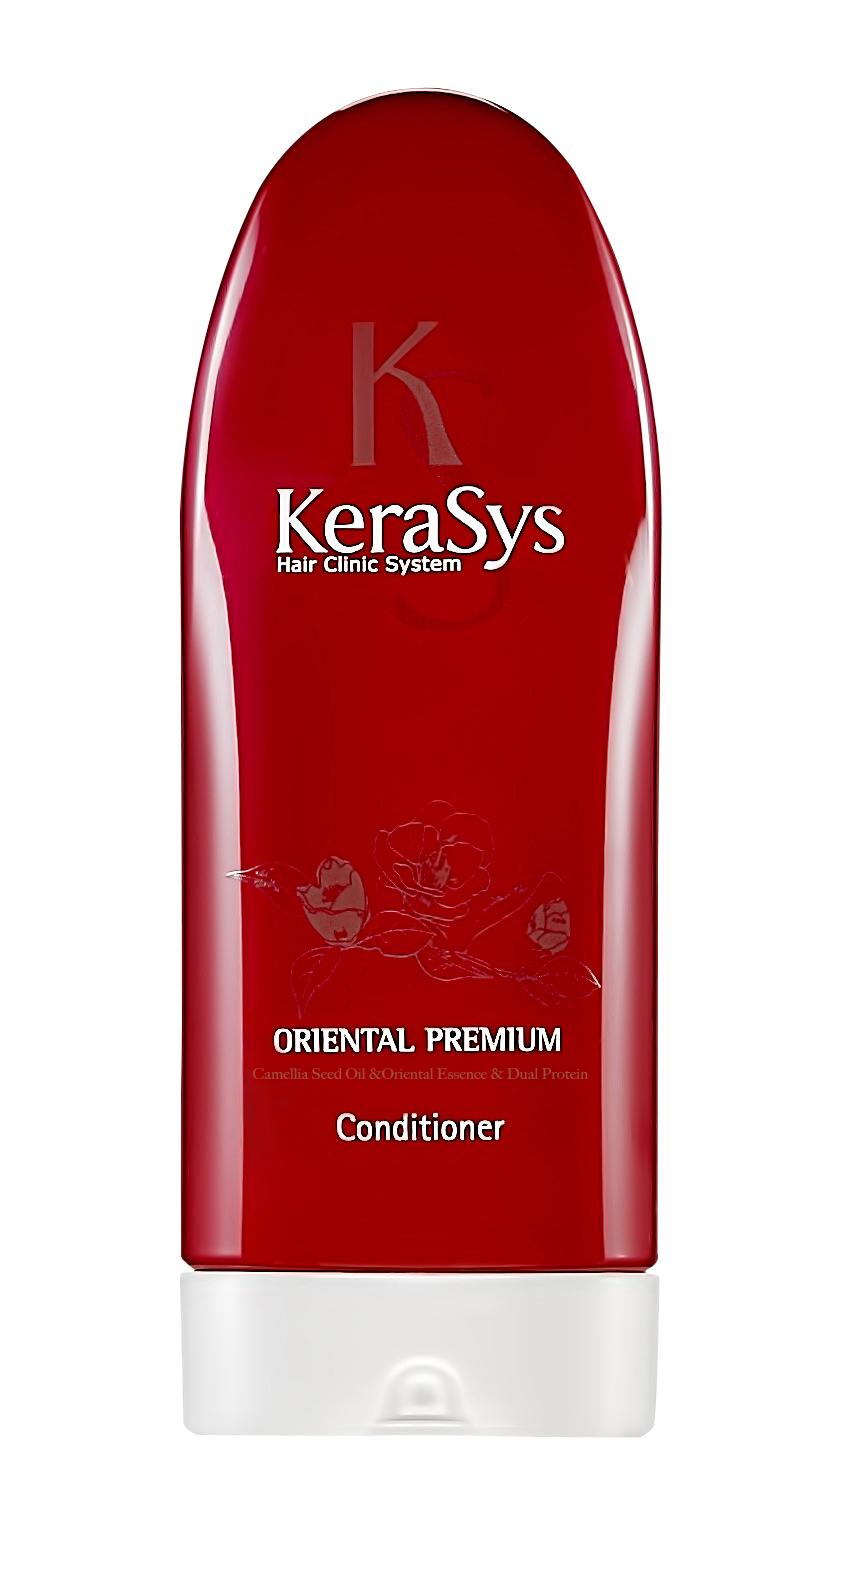 Kerasys Кондиционер для волос Oriental, 200 мл7115Специально разработанная формула для всех типов волос, в том числе поврежденных и ослабленных. Волосы обретают жизненную силу, блеск и эластичность. Оказывает солнцезащитное действие. Масло камелии укрепляет хрупкие и ломкие волосы, делает их шелковистыми по всей длине.Кератиновый комплекс питает и разглаживает поврежденный волос. Композиция из шести традиционных восточных трав (женьшень, жгун-корень, орхидея, ангелика, гранат, листья камелии) укрепляет корни волос и предотвращает преждевременное выпадение. Kerasys - это линия средств профессионального уровня для ухода за различными типами волос в домашних условиях. Характеристики:Объем: 200 мл. Артикул: 876244. Производитель: Корея. Товар сертифицирован.